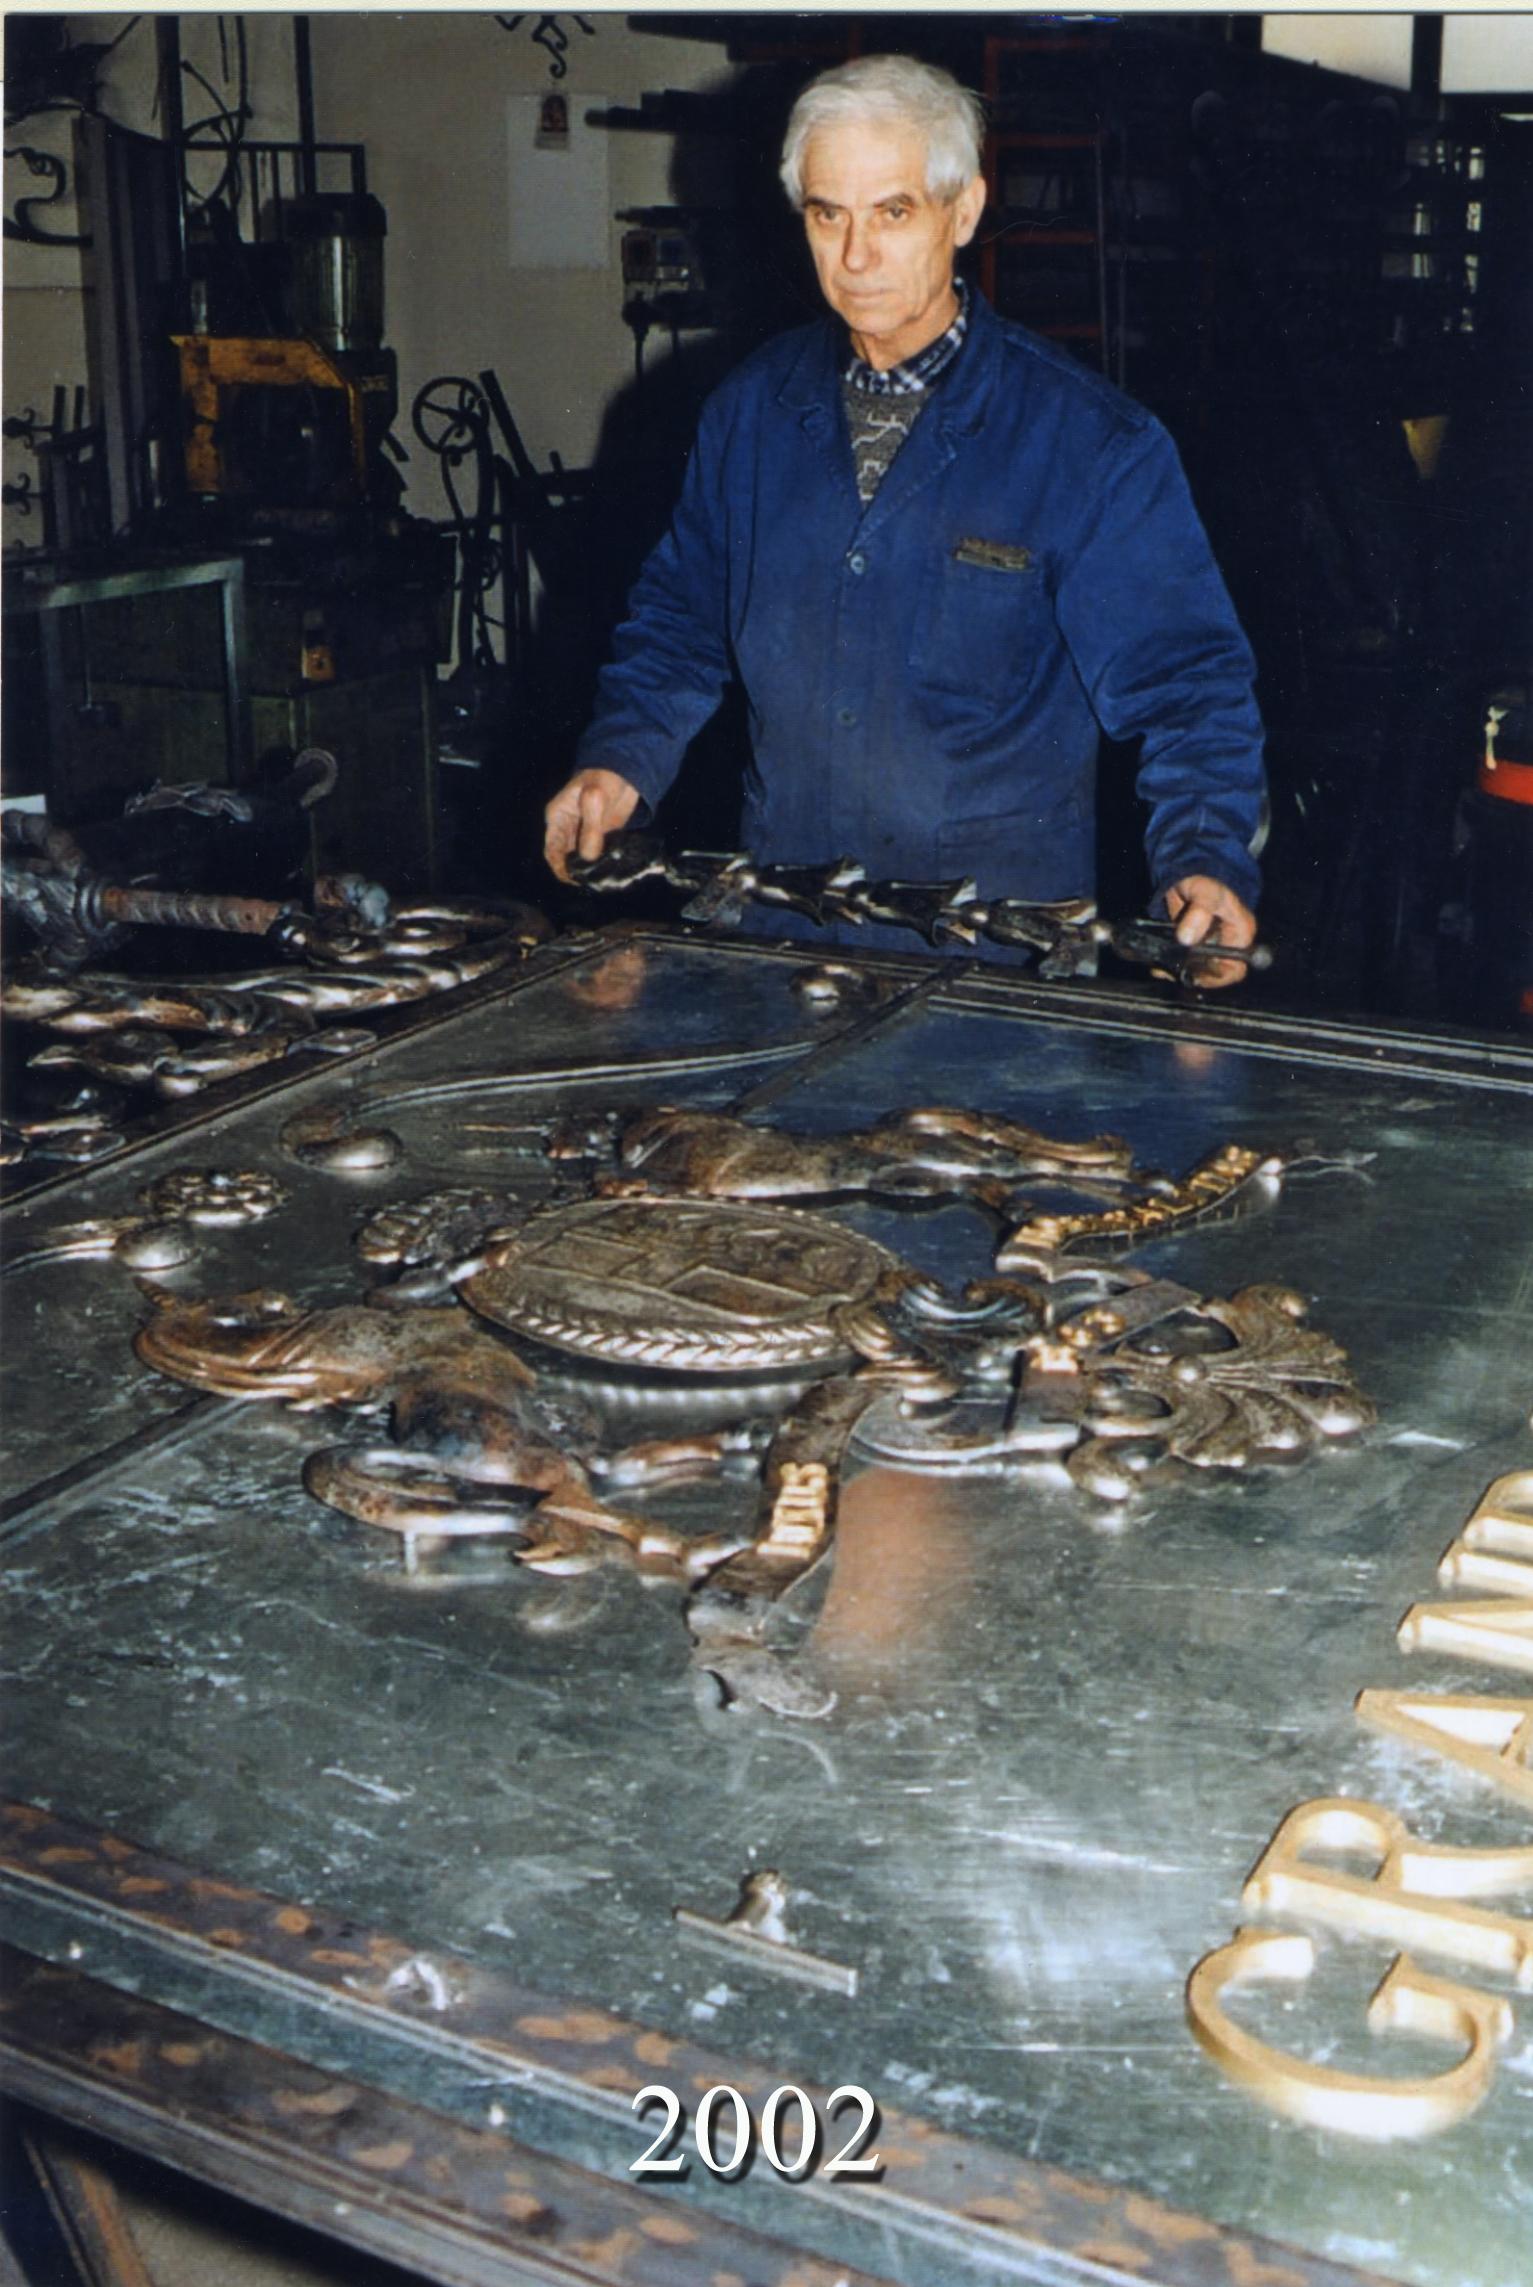 2002 - Particolari di Insegna Bifacciale (Progettista A. Poli)